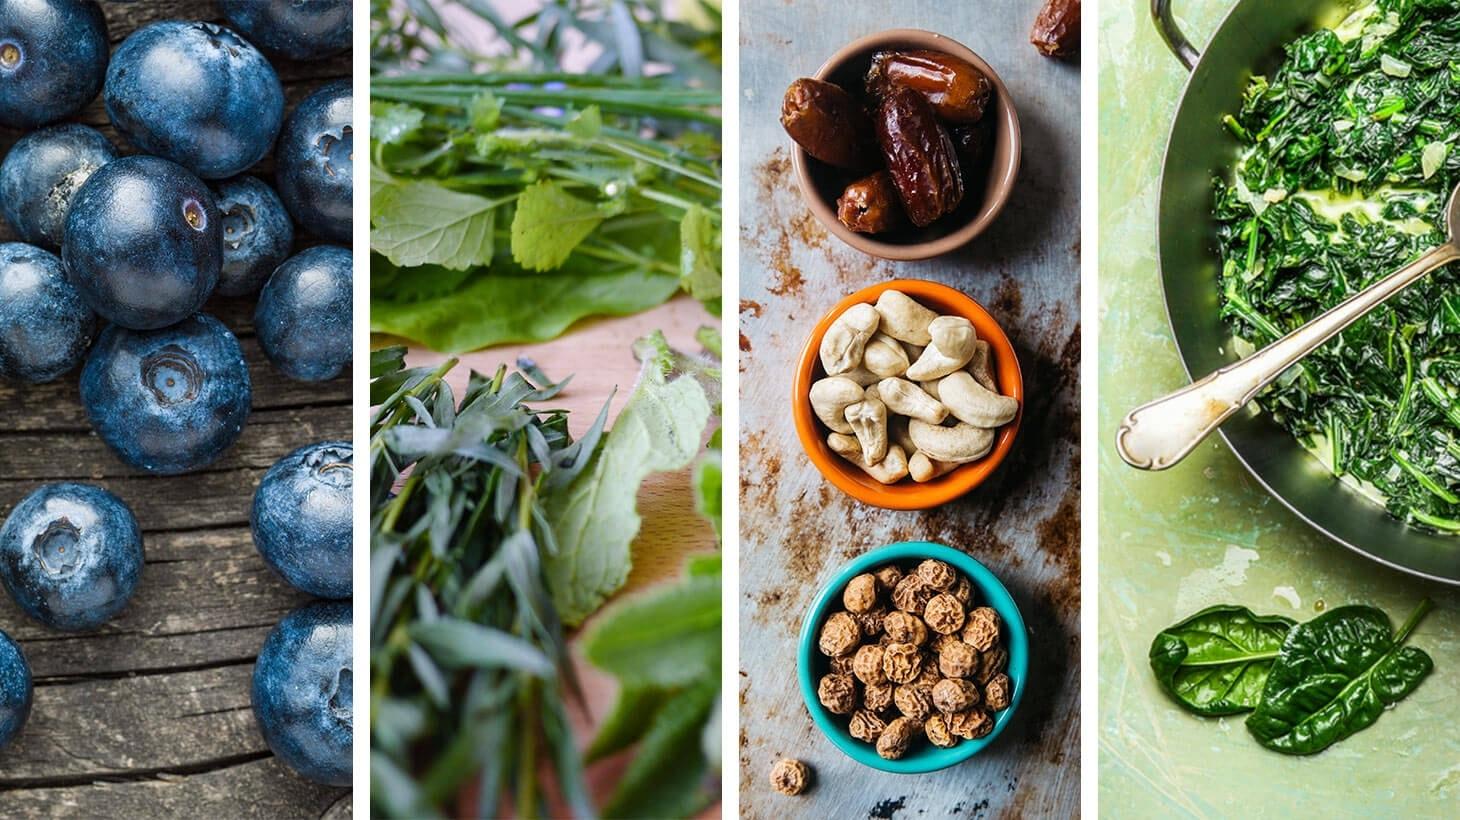 regionale superfoods: Heidelbeeren, Kräuter, Nüsse und Spinat